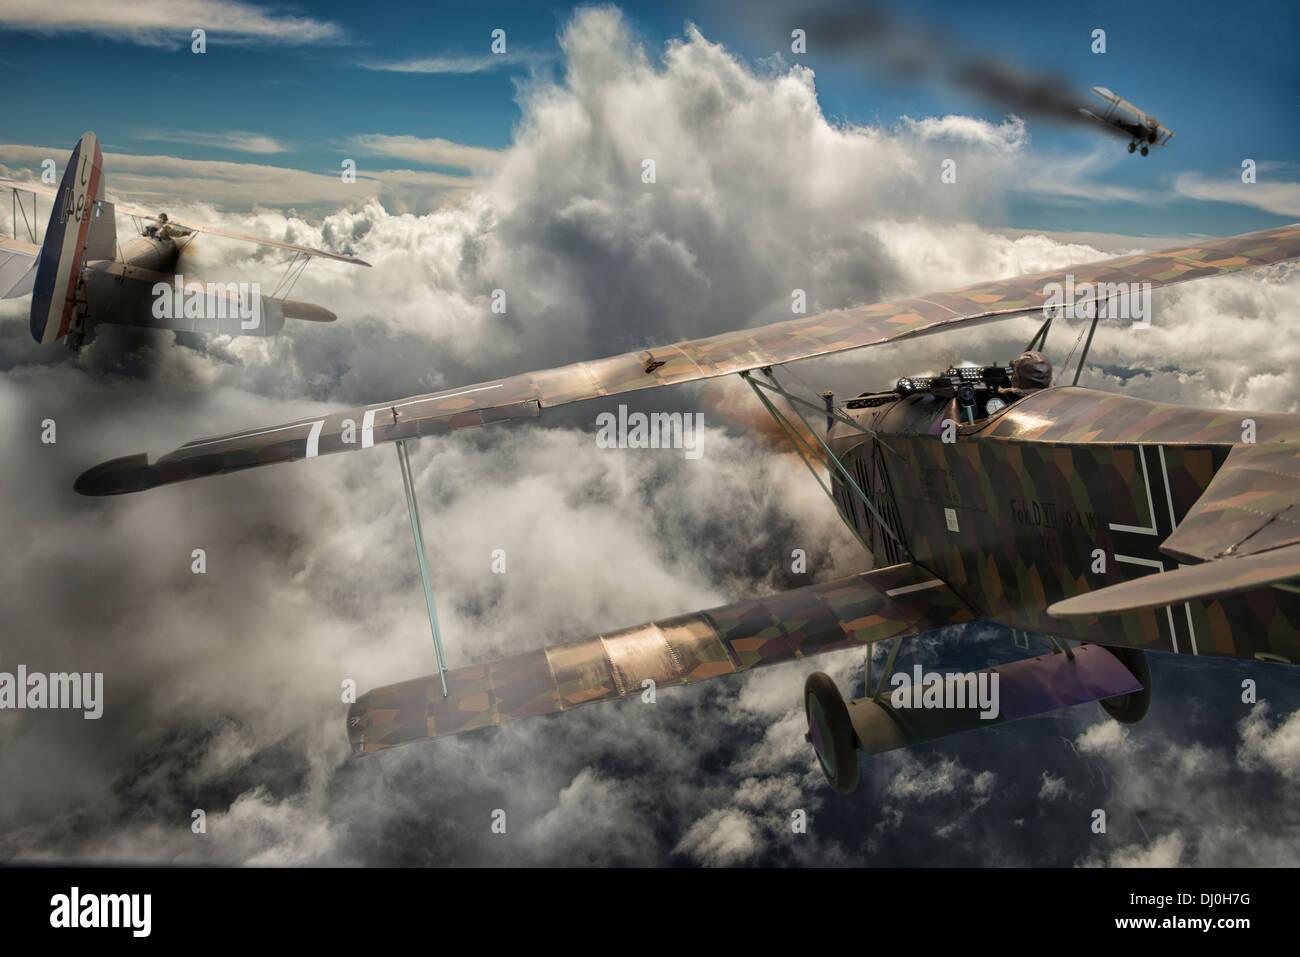 Luftkampf zwischen zwei Flugzeuge des ersten Weltkriegs. Photoshop-Komposition Stockfoto